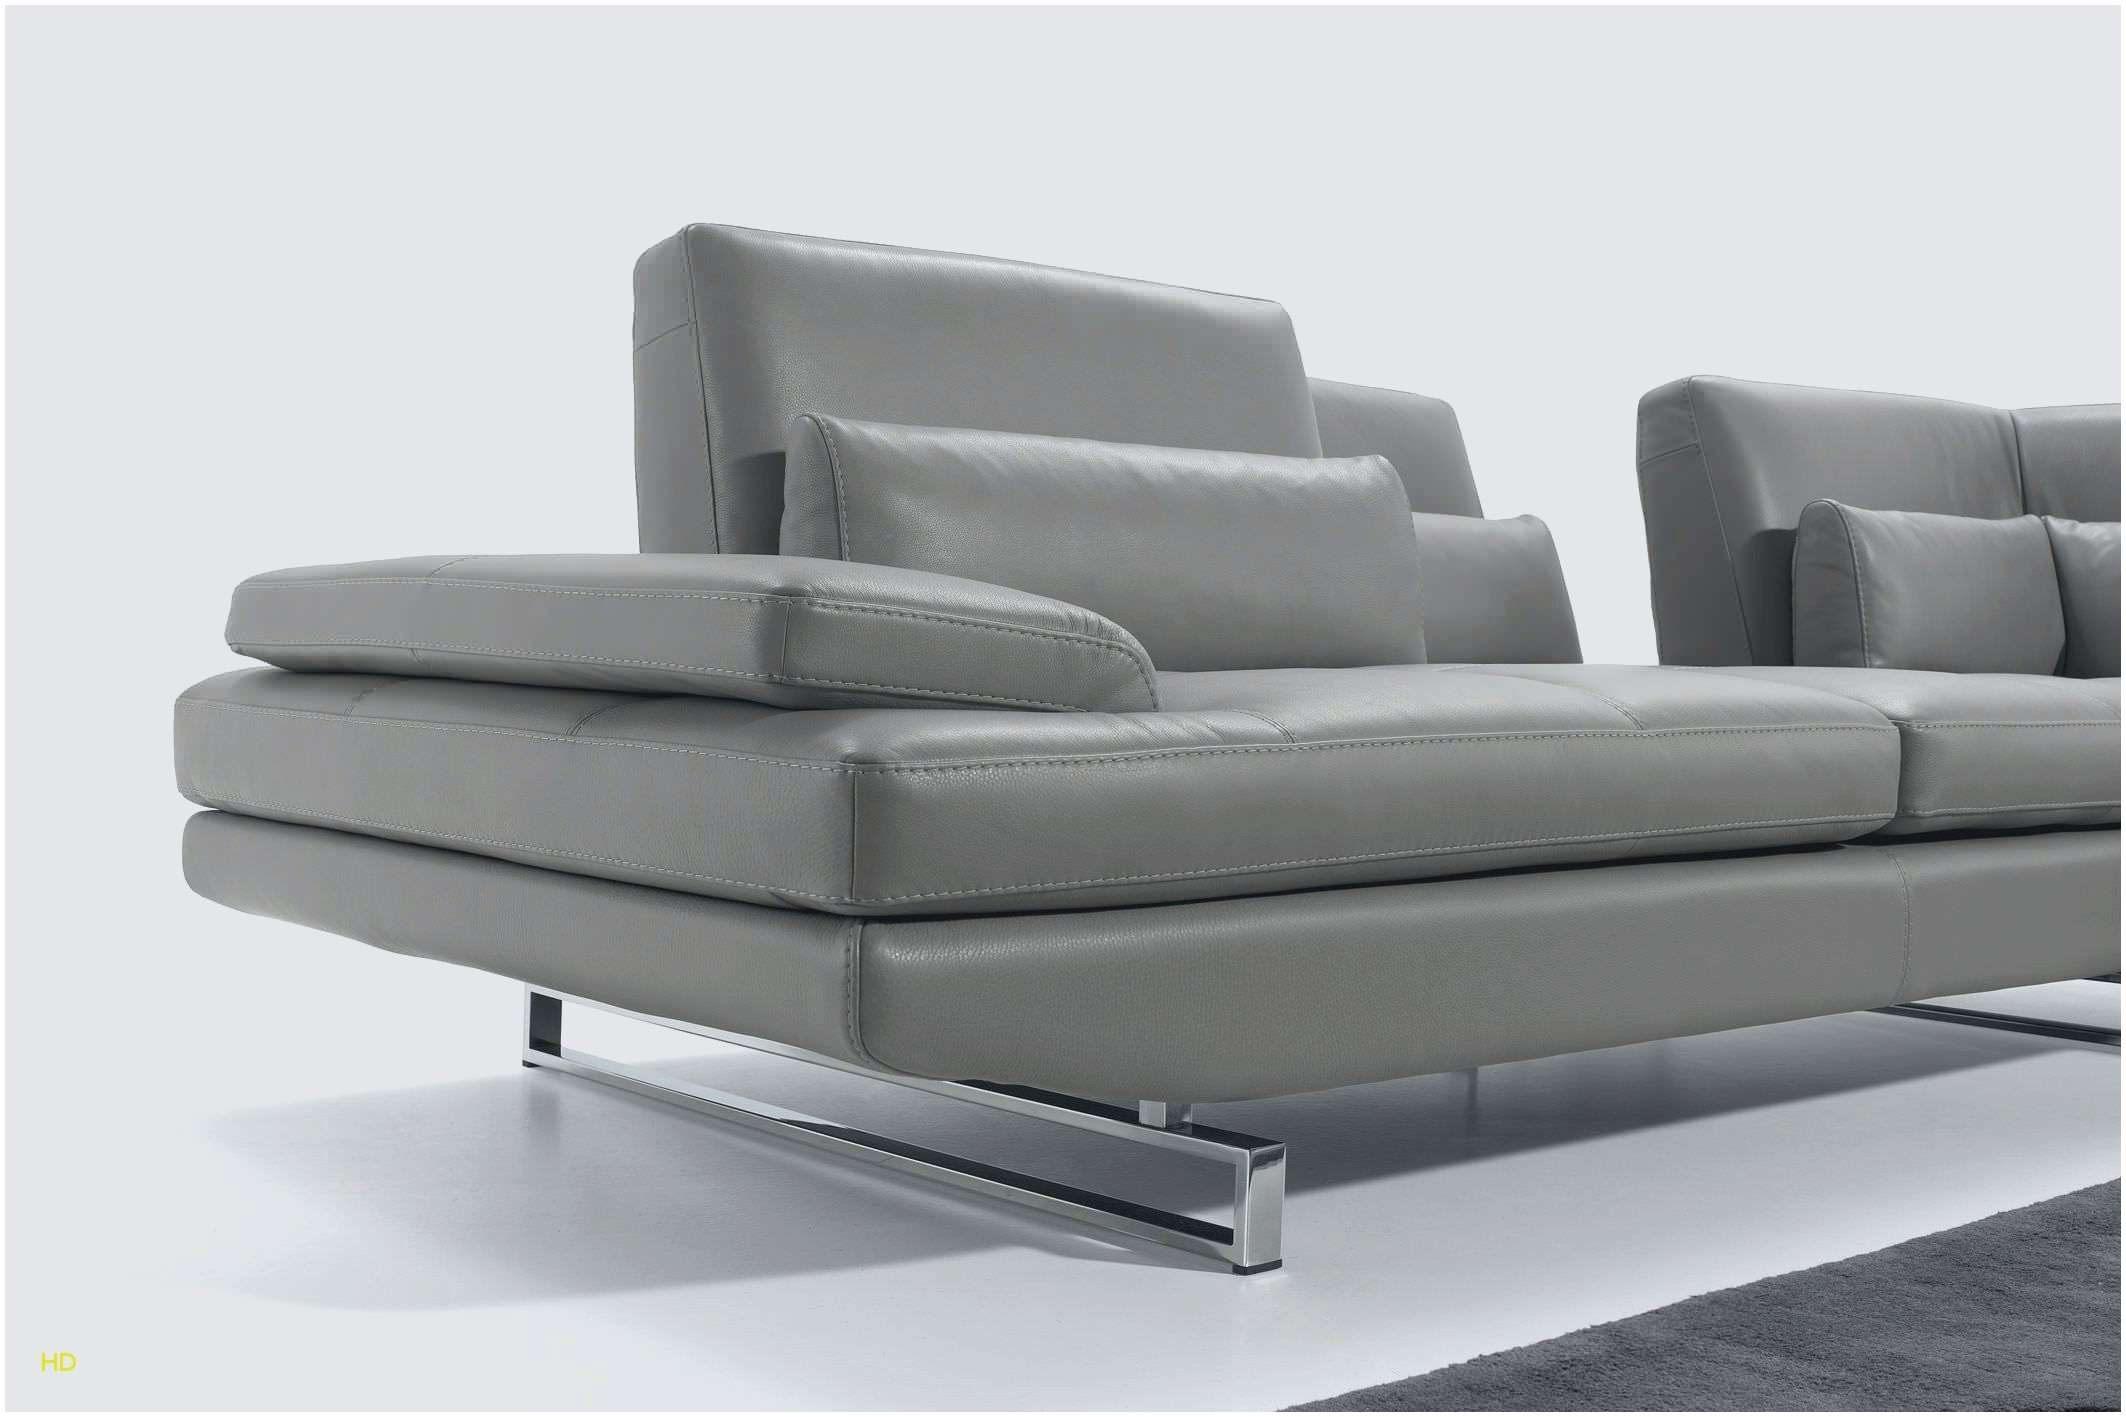 Armoire Lit Escamotable Canapé Intégré Luxe Luxe Lovely Canapé Conforama Pour Choix Canapé Convertible 2 Places